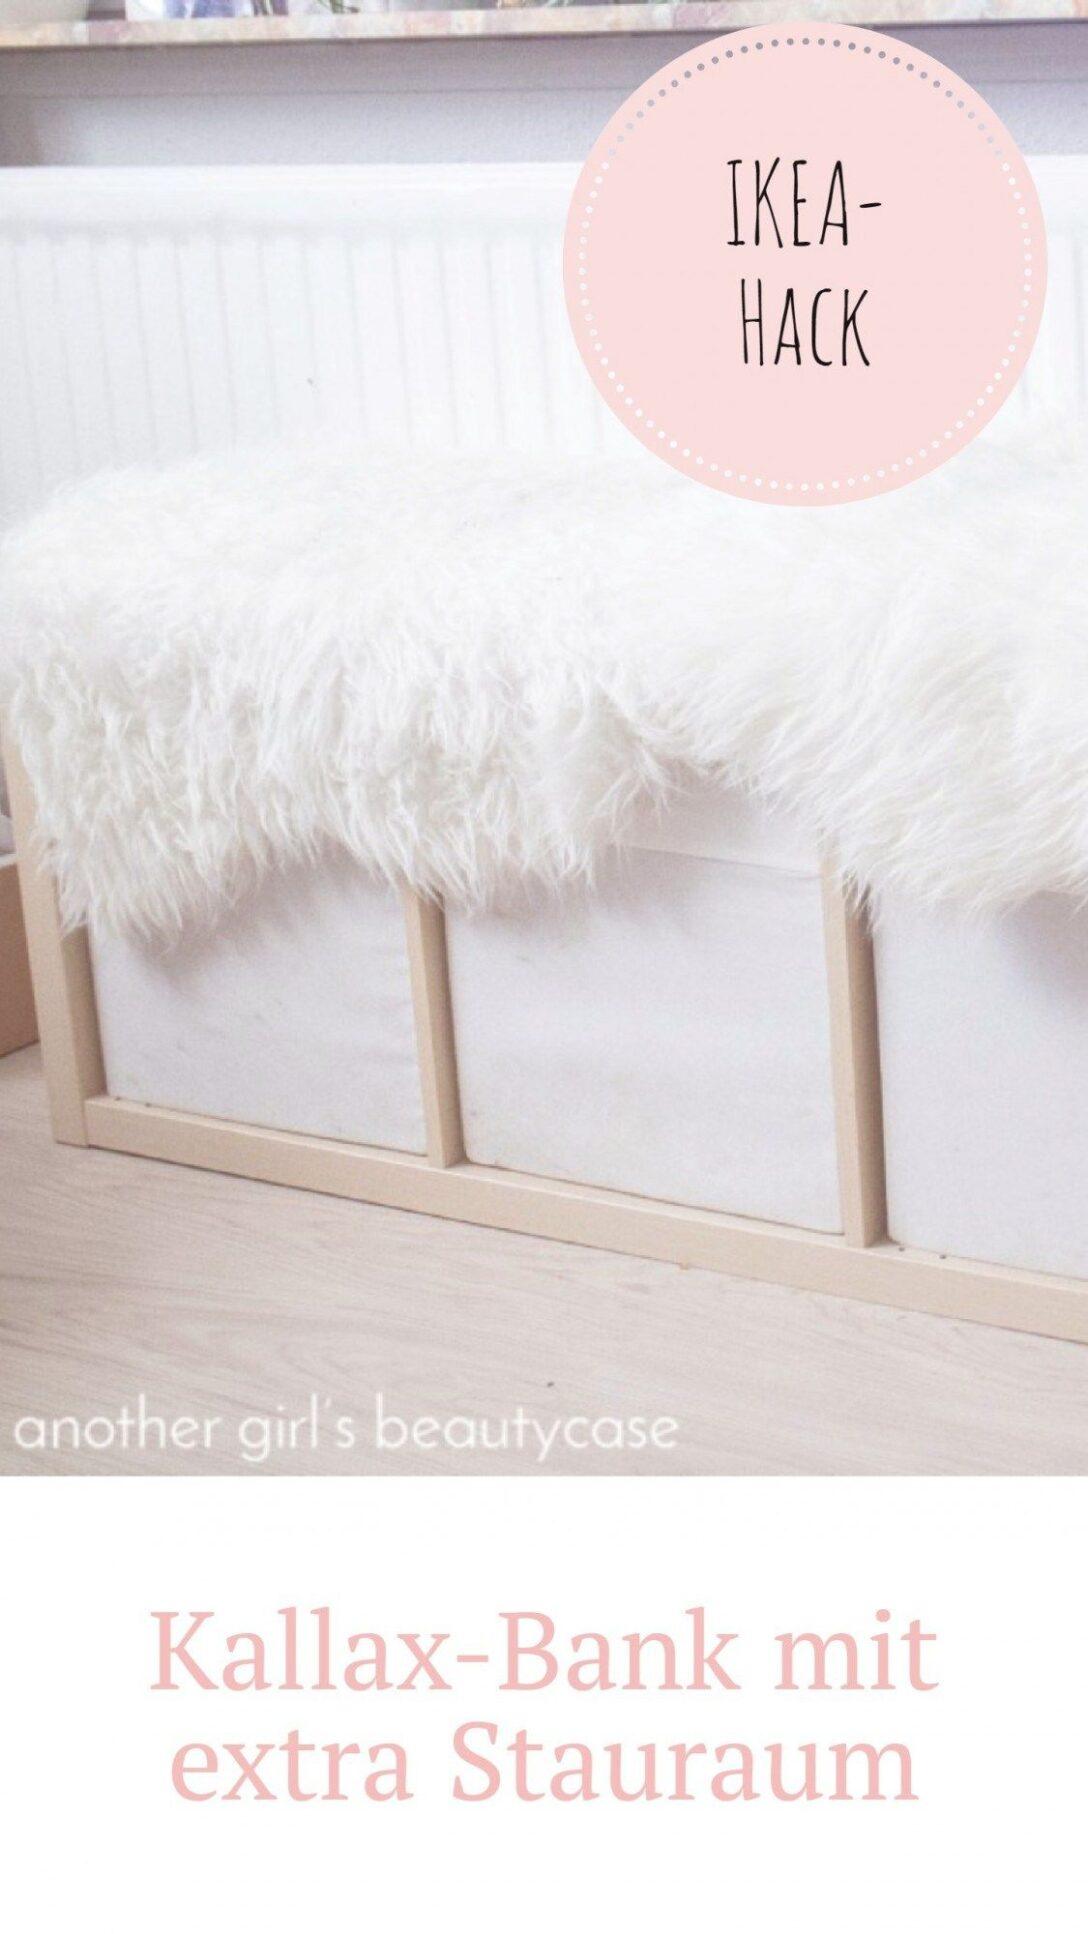 Large Size of Ikea Hack Sitzbank Esszimmer Aus Kallaregal Mit Bildern Küche Lehne Sofa Kosten Schlafzimmer Für Garten Miniküche Modulküche Betten 160x200 Kaufen Bett Bad Wohnzimmer Ikea Hack Sitzbank Esszimmer